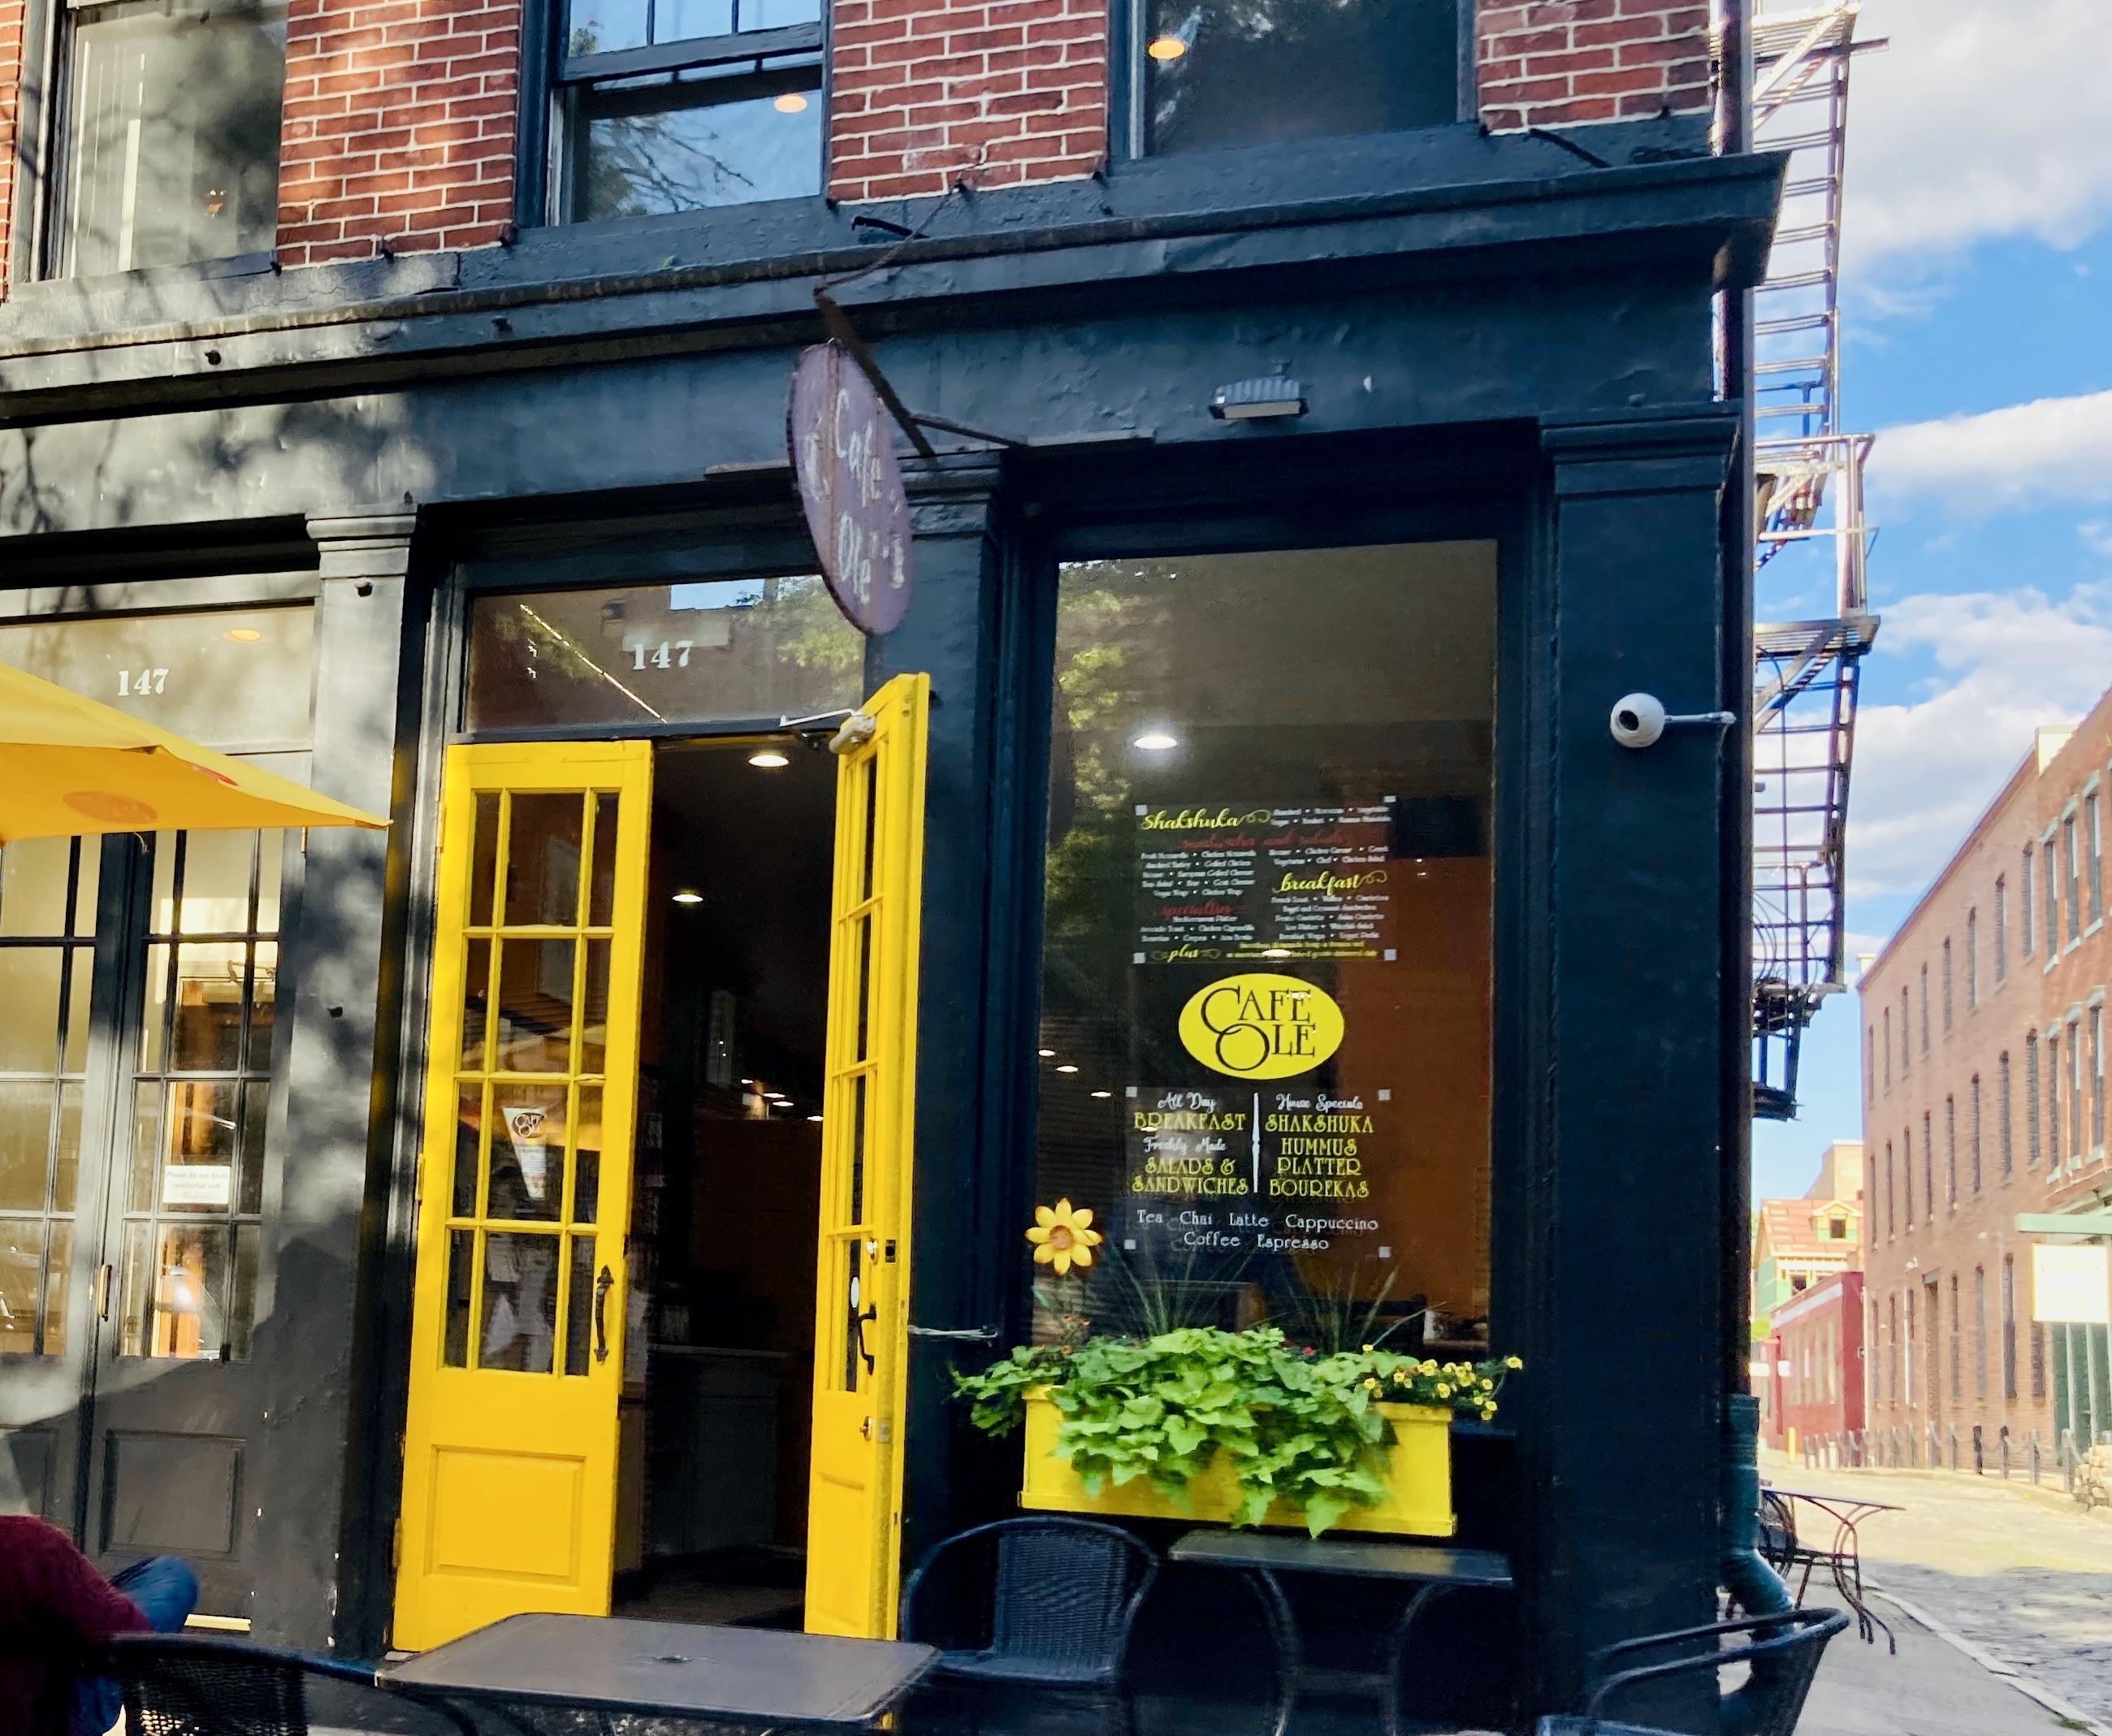 Café Olé in Old City, Philly